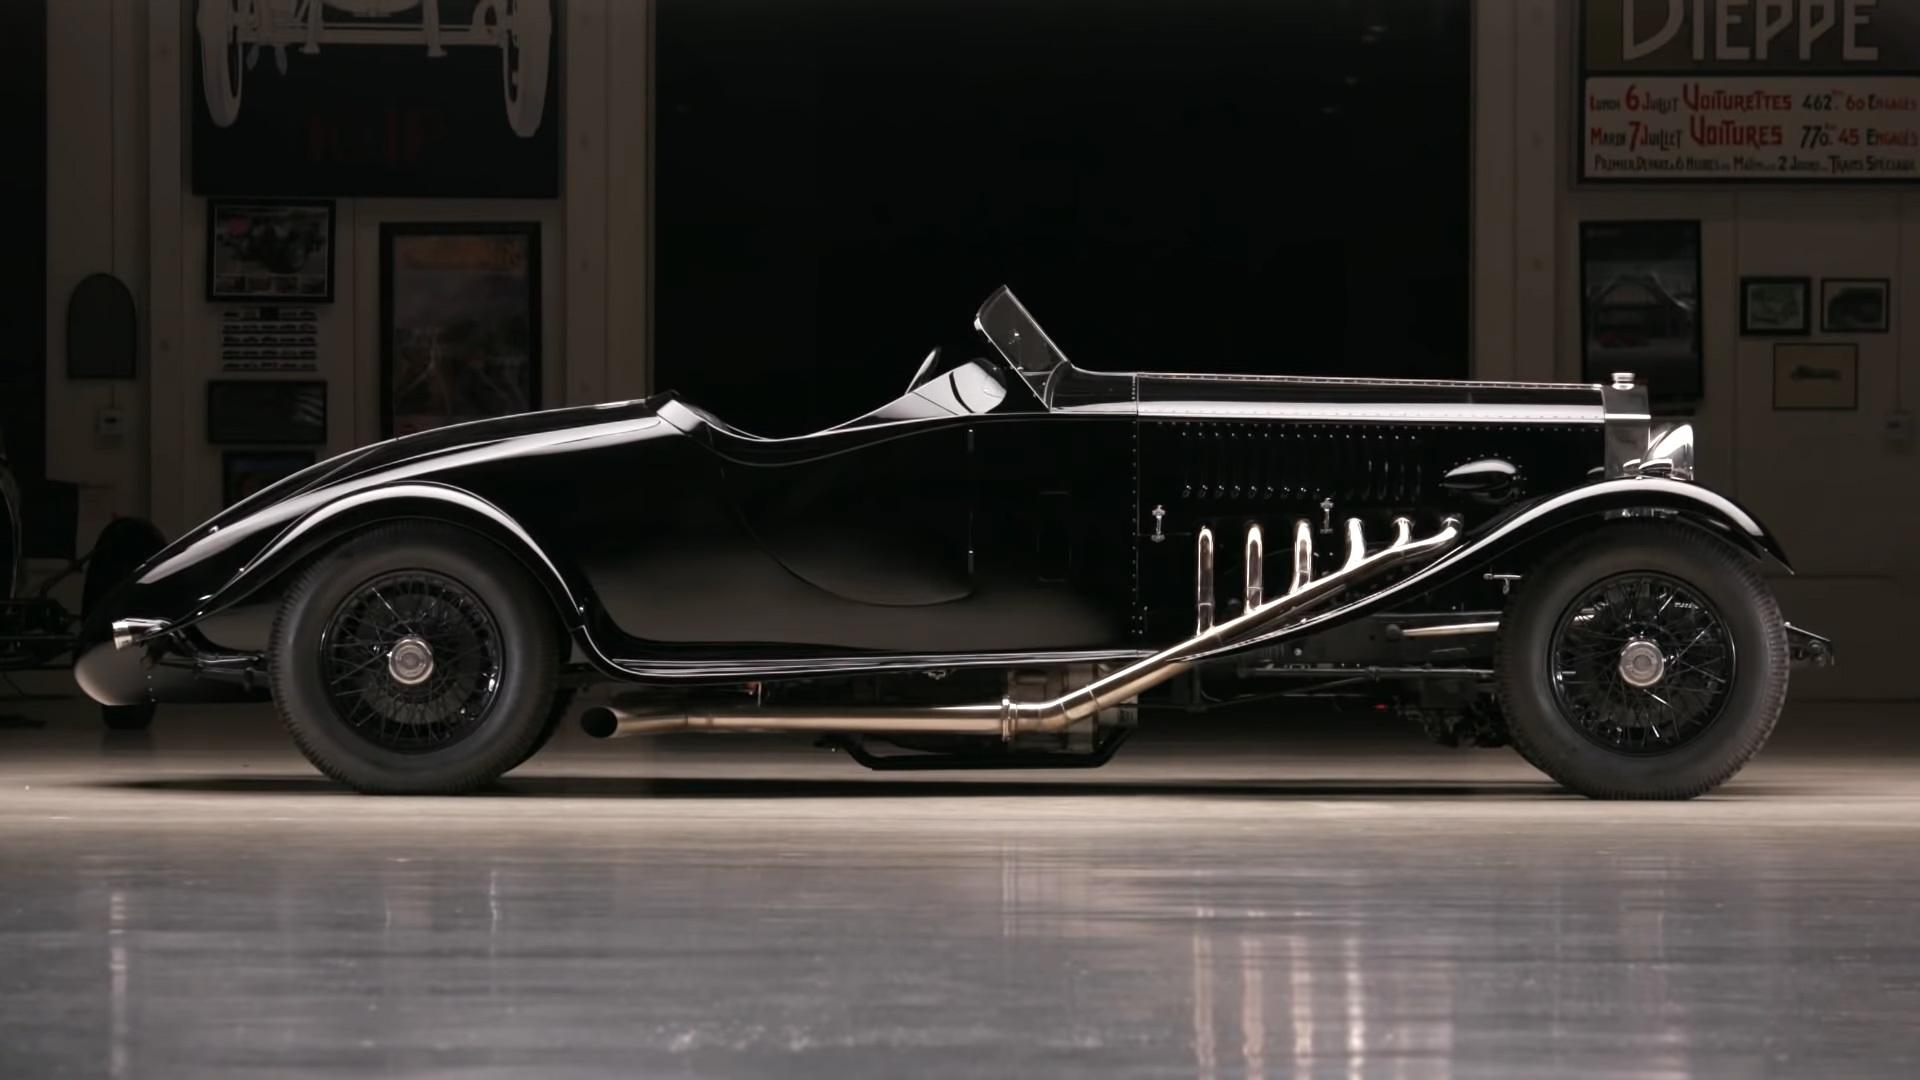 El Rolls-Royce de 1934 con motor Merlin aterriza en el garaje de Jay Leno